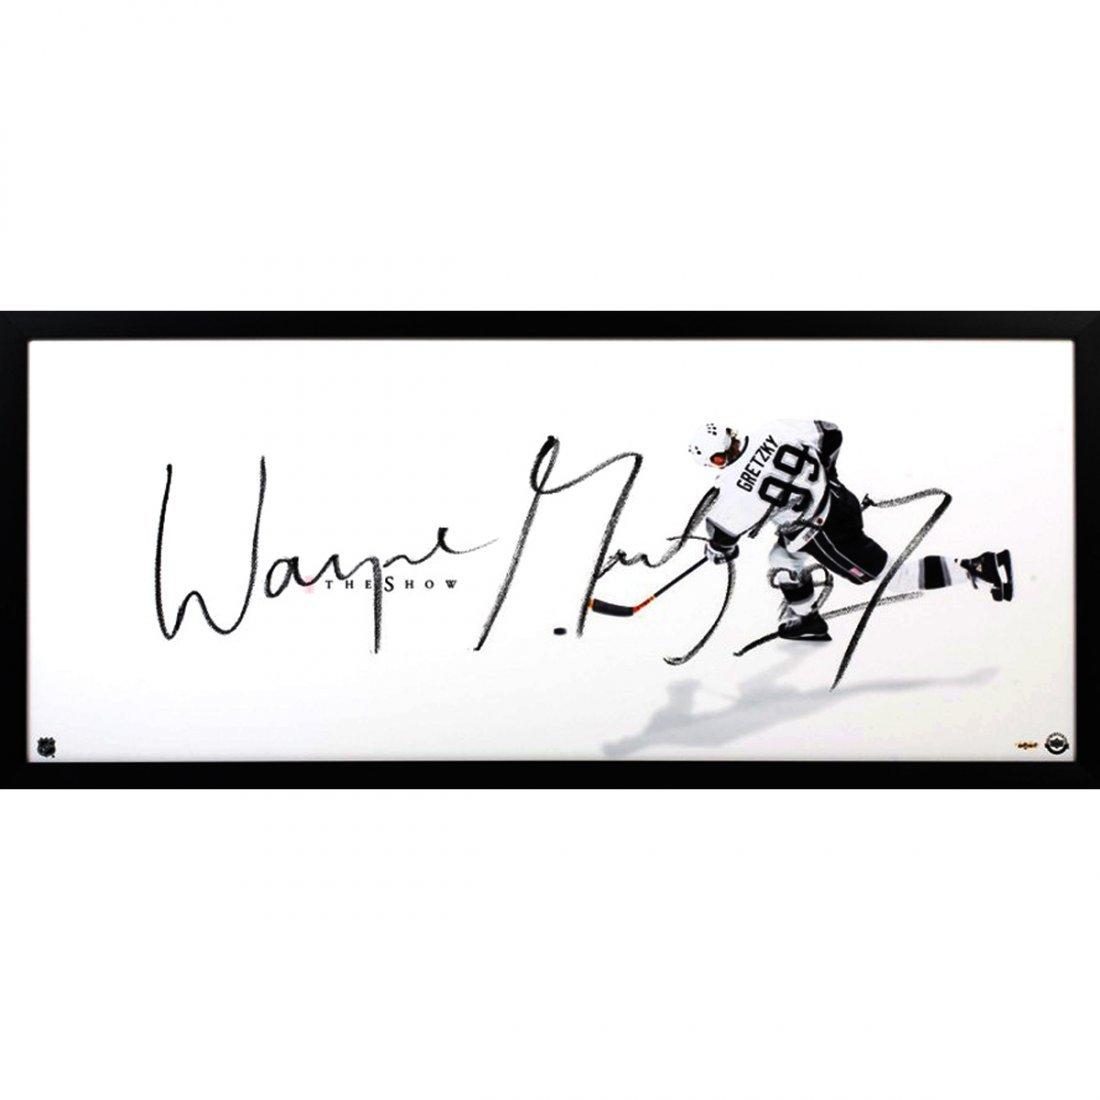 Wayne Gretzky Signed LA Kings The Show Framed Display (